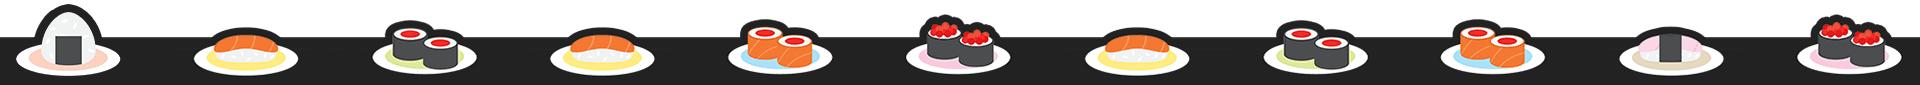 sushi-border-top